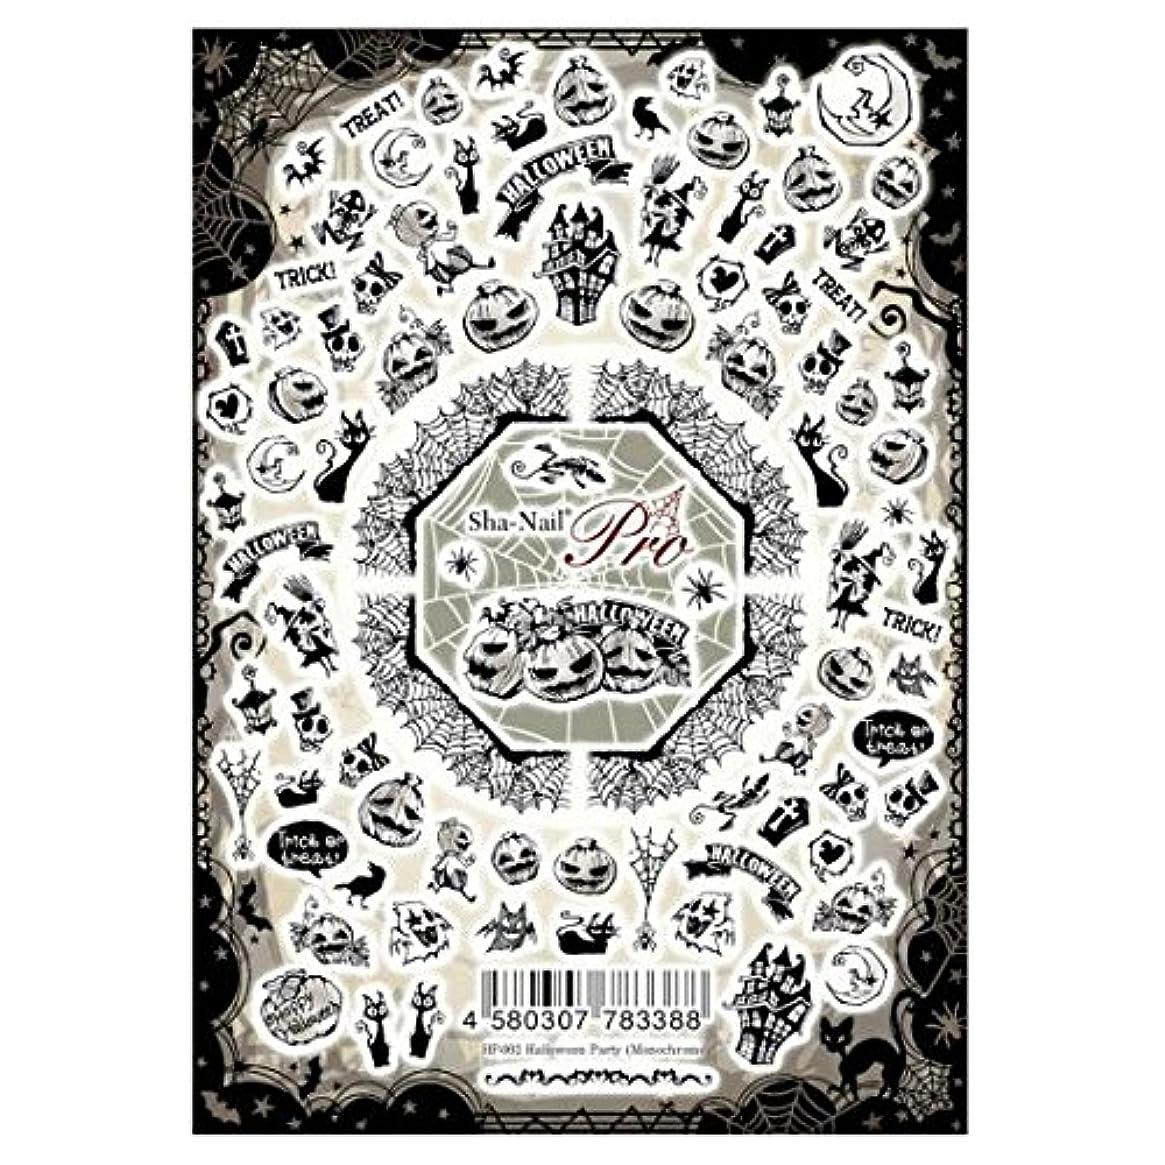 ワームアフリカ畝間写ネイルプロ ネイルシール ハロウィンパーティー モノクロ アート材